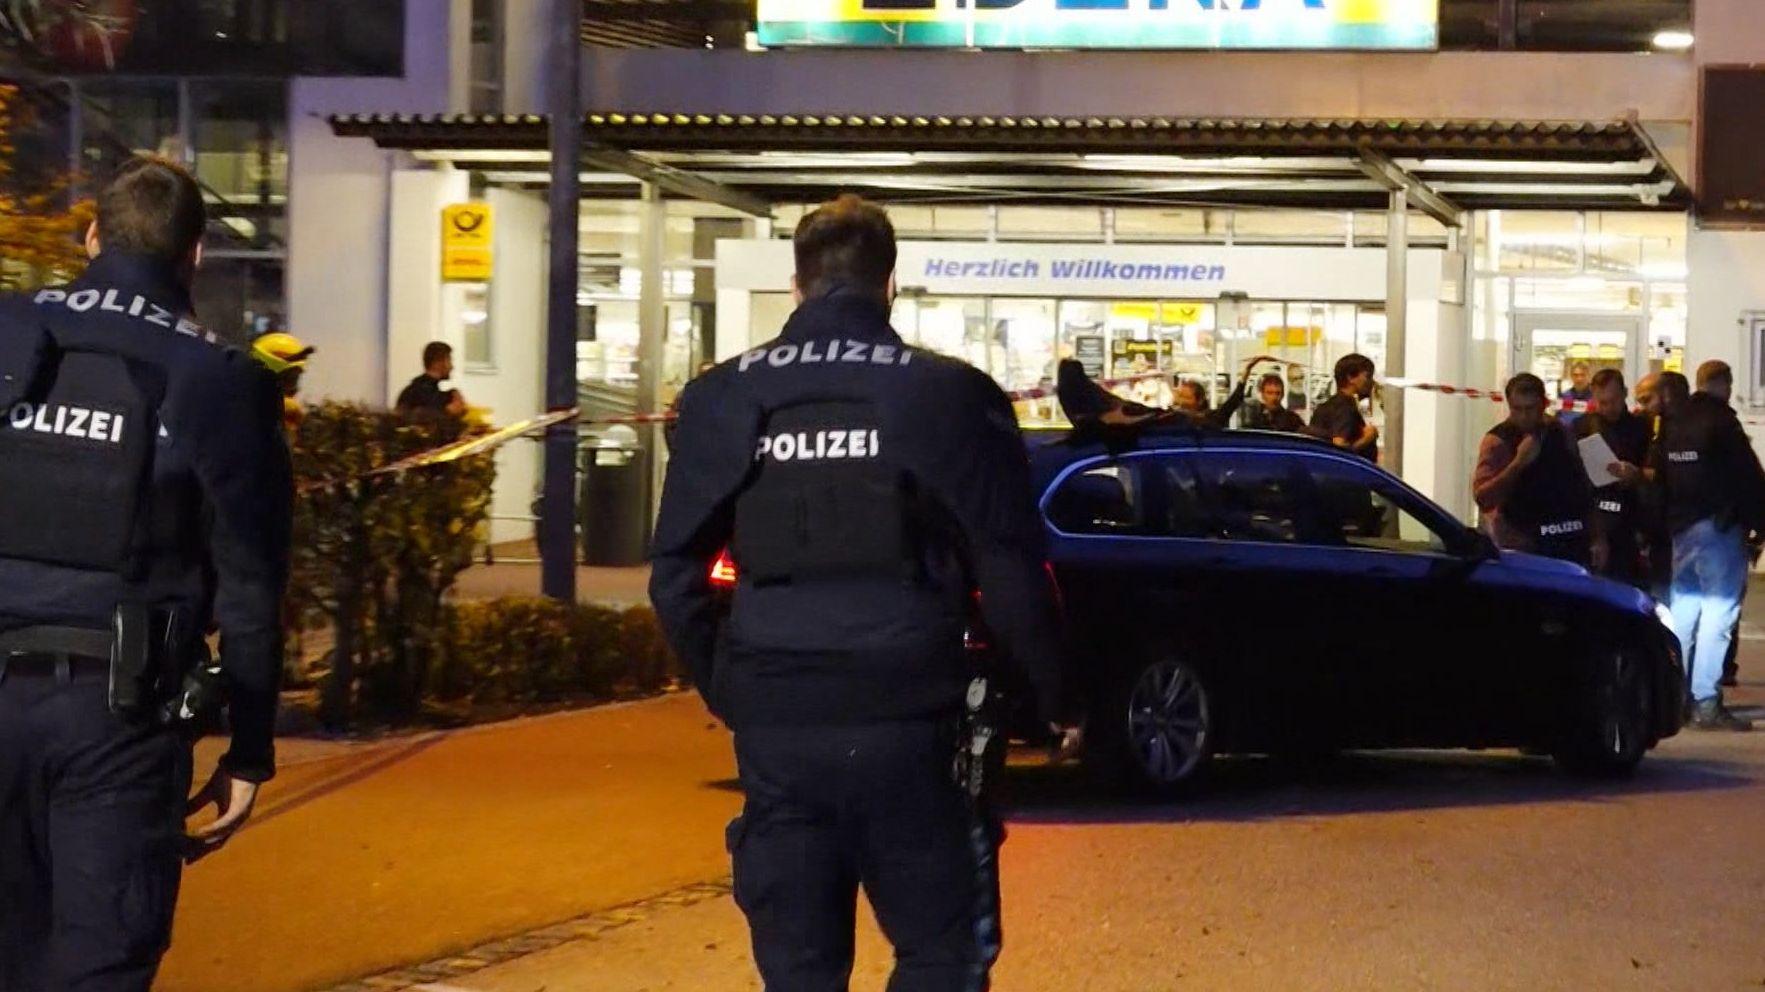 Der Supermarkt in Abensberg, vor dem die tödlichen Schüsse gefallen sind.